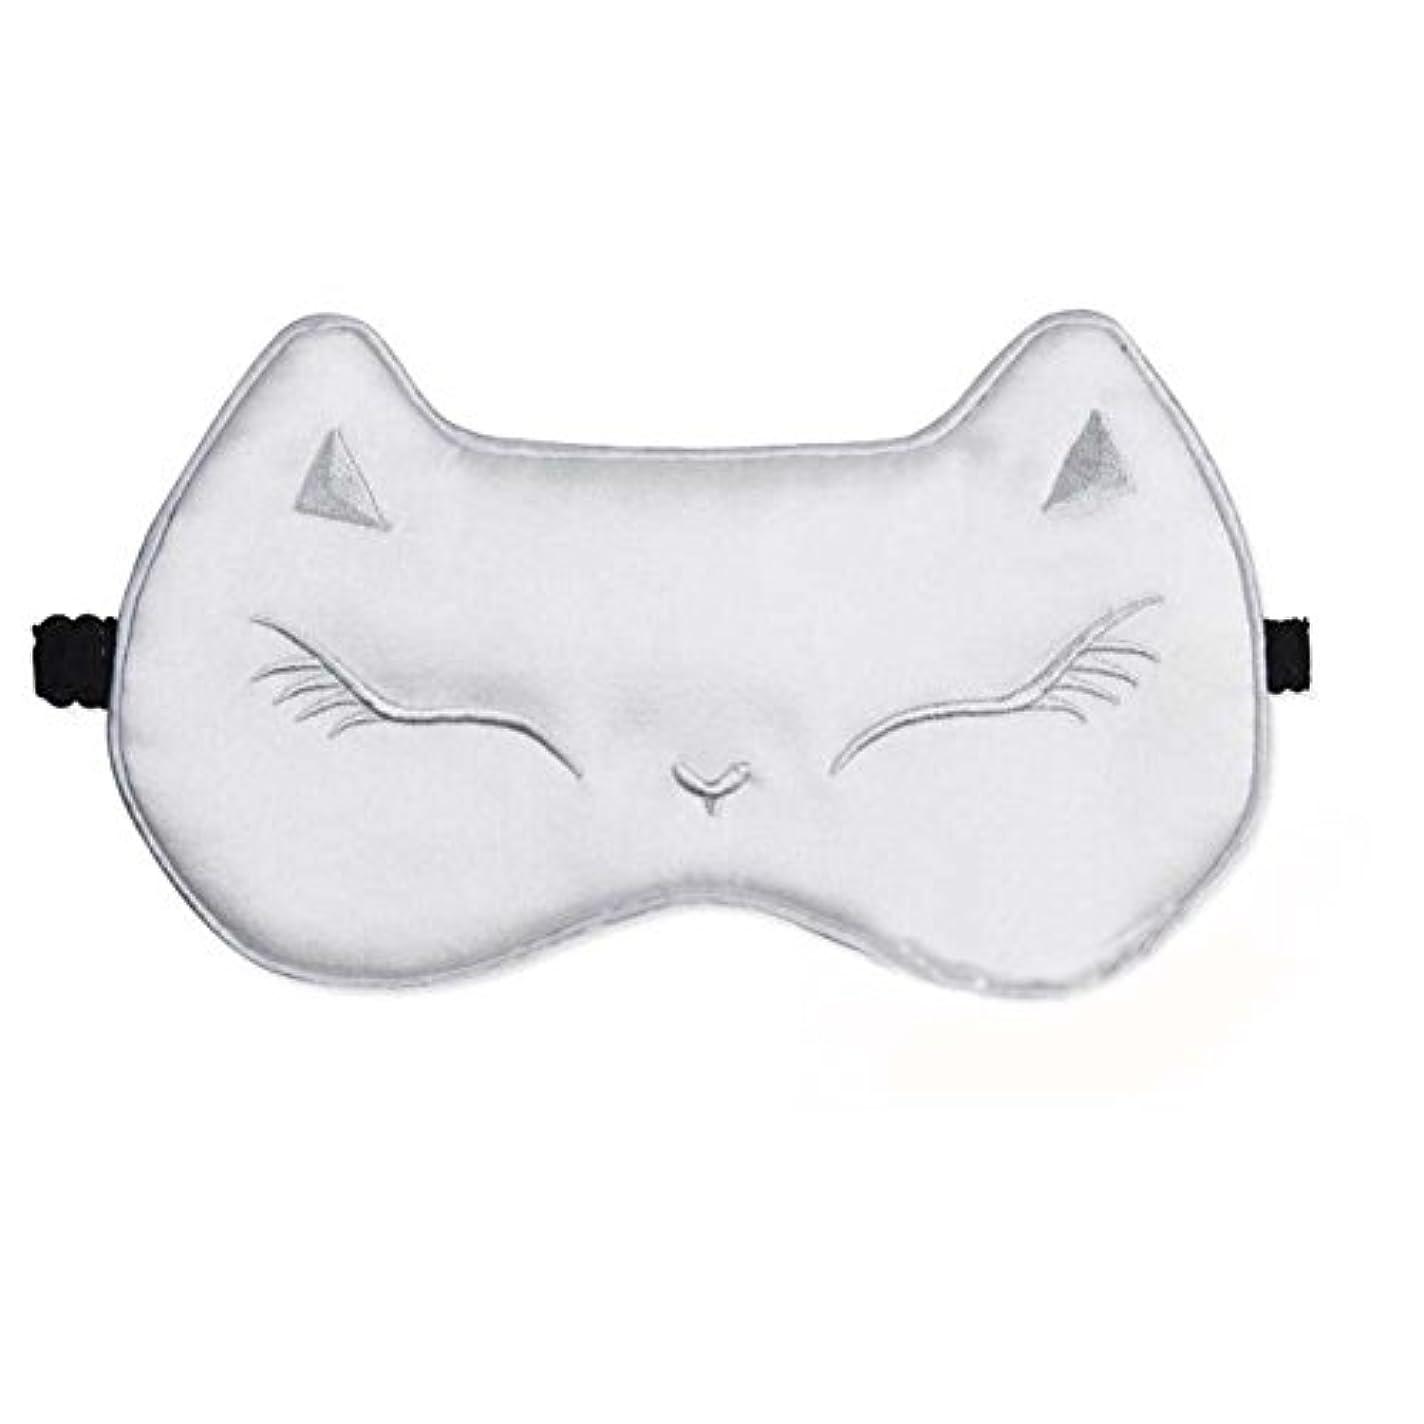 さようなら最近派手かわいいフォックスデザインのソフトシルクスリープアイマスクカバーホワイト